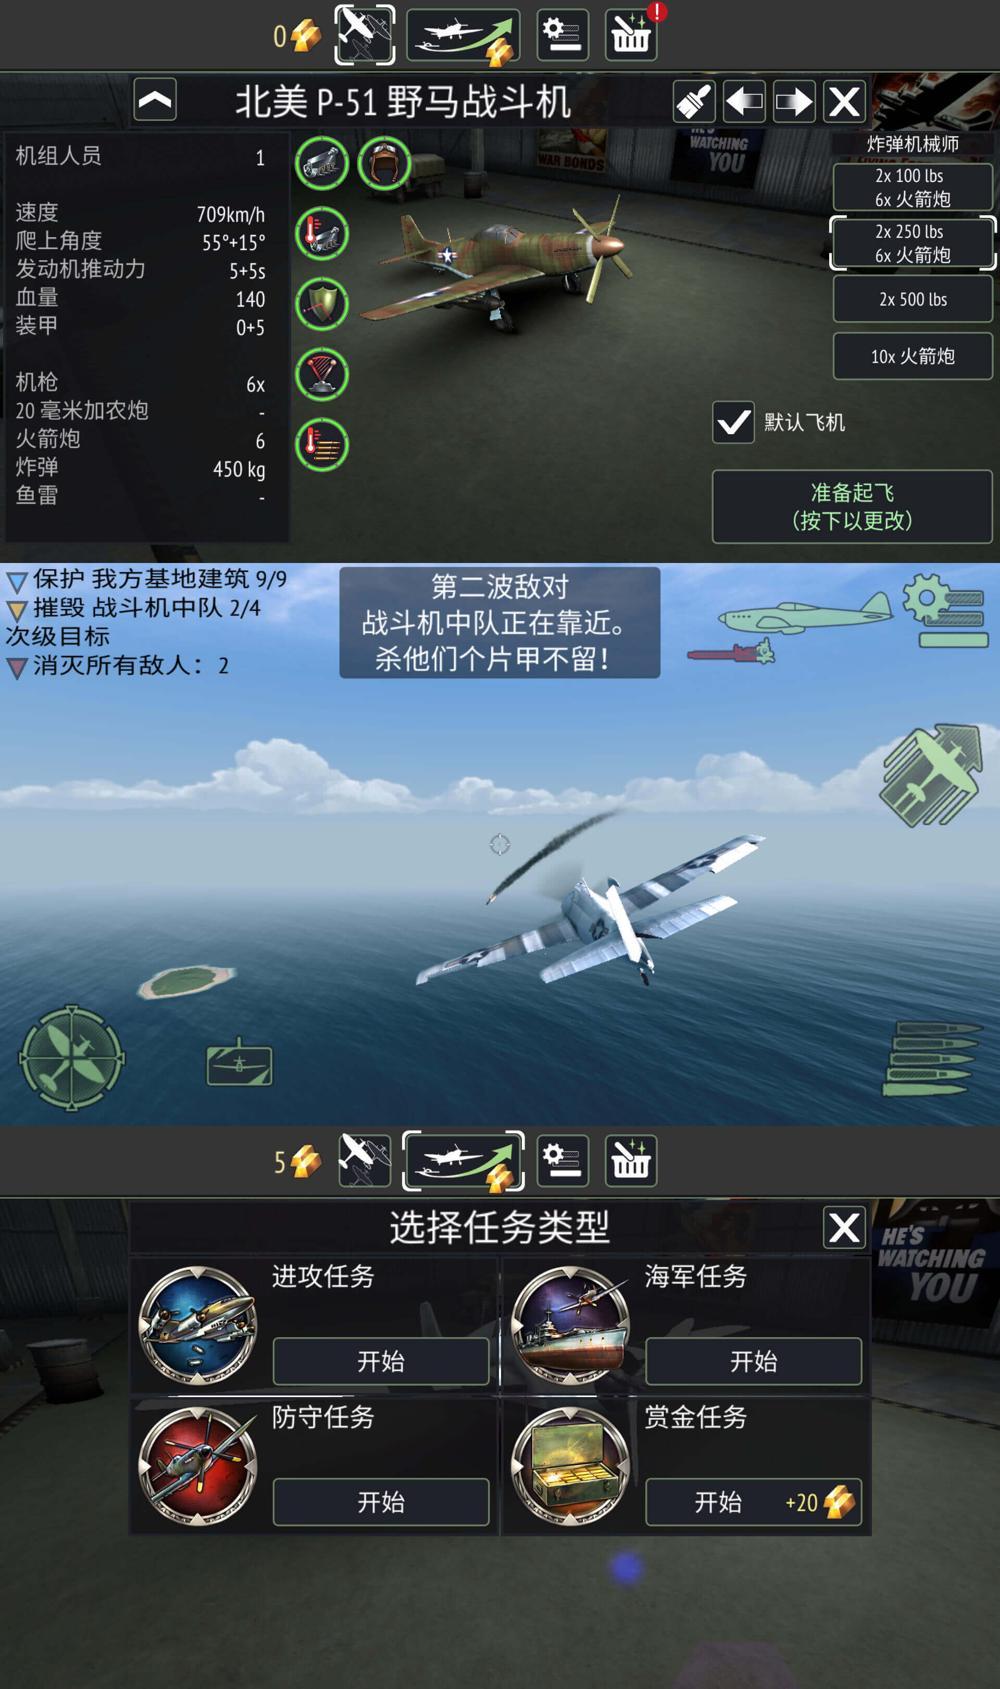 【安卓游戏】空战题材游戏 战斗机二战